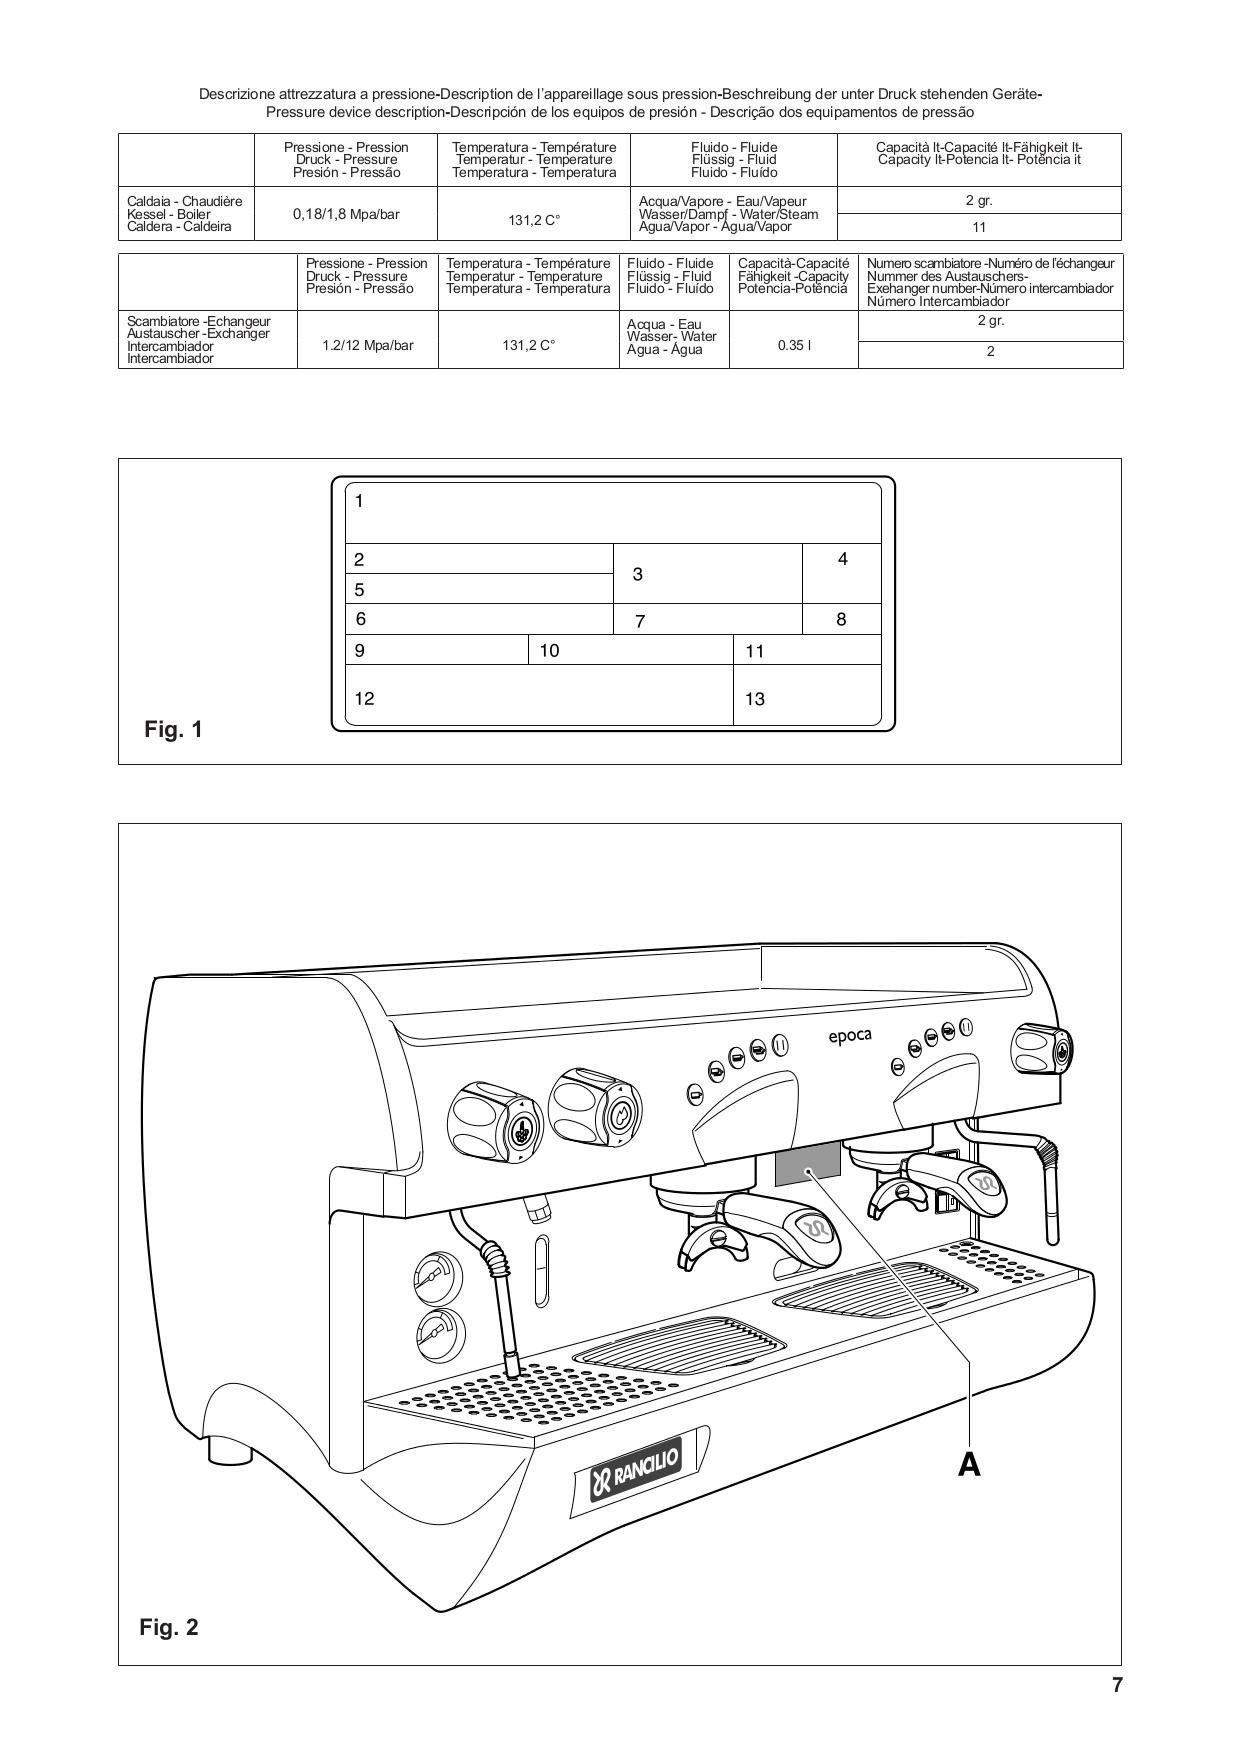 Ausgezeichnet Munchkin Kessel Handbuch Fotos - Elektrische ...